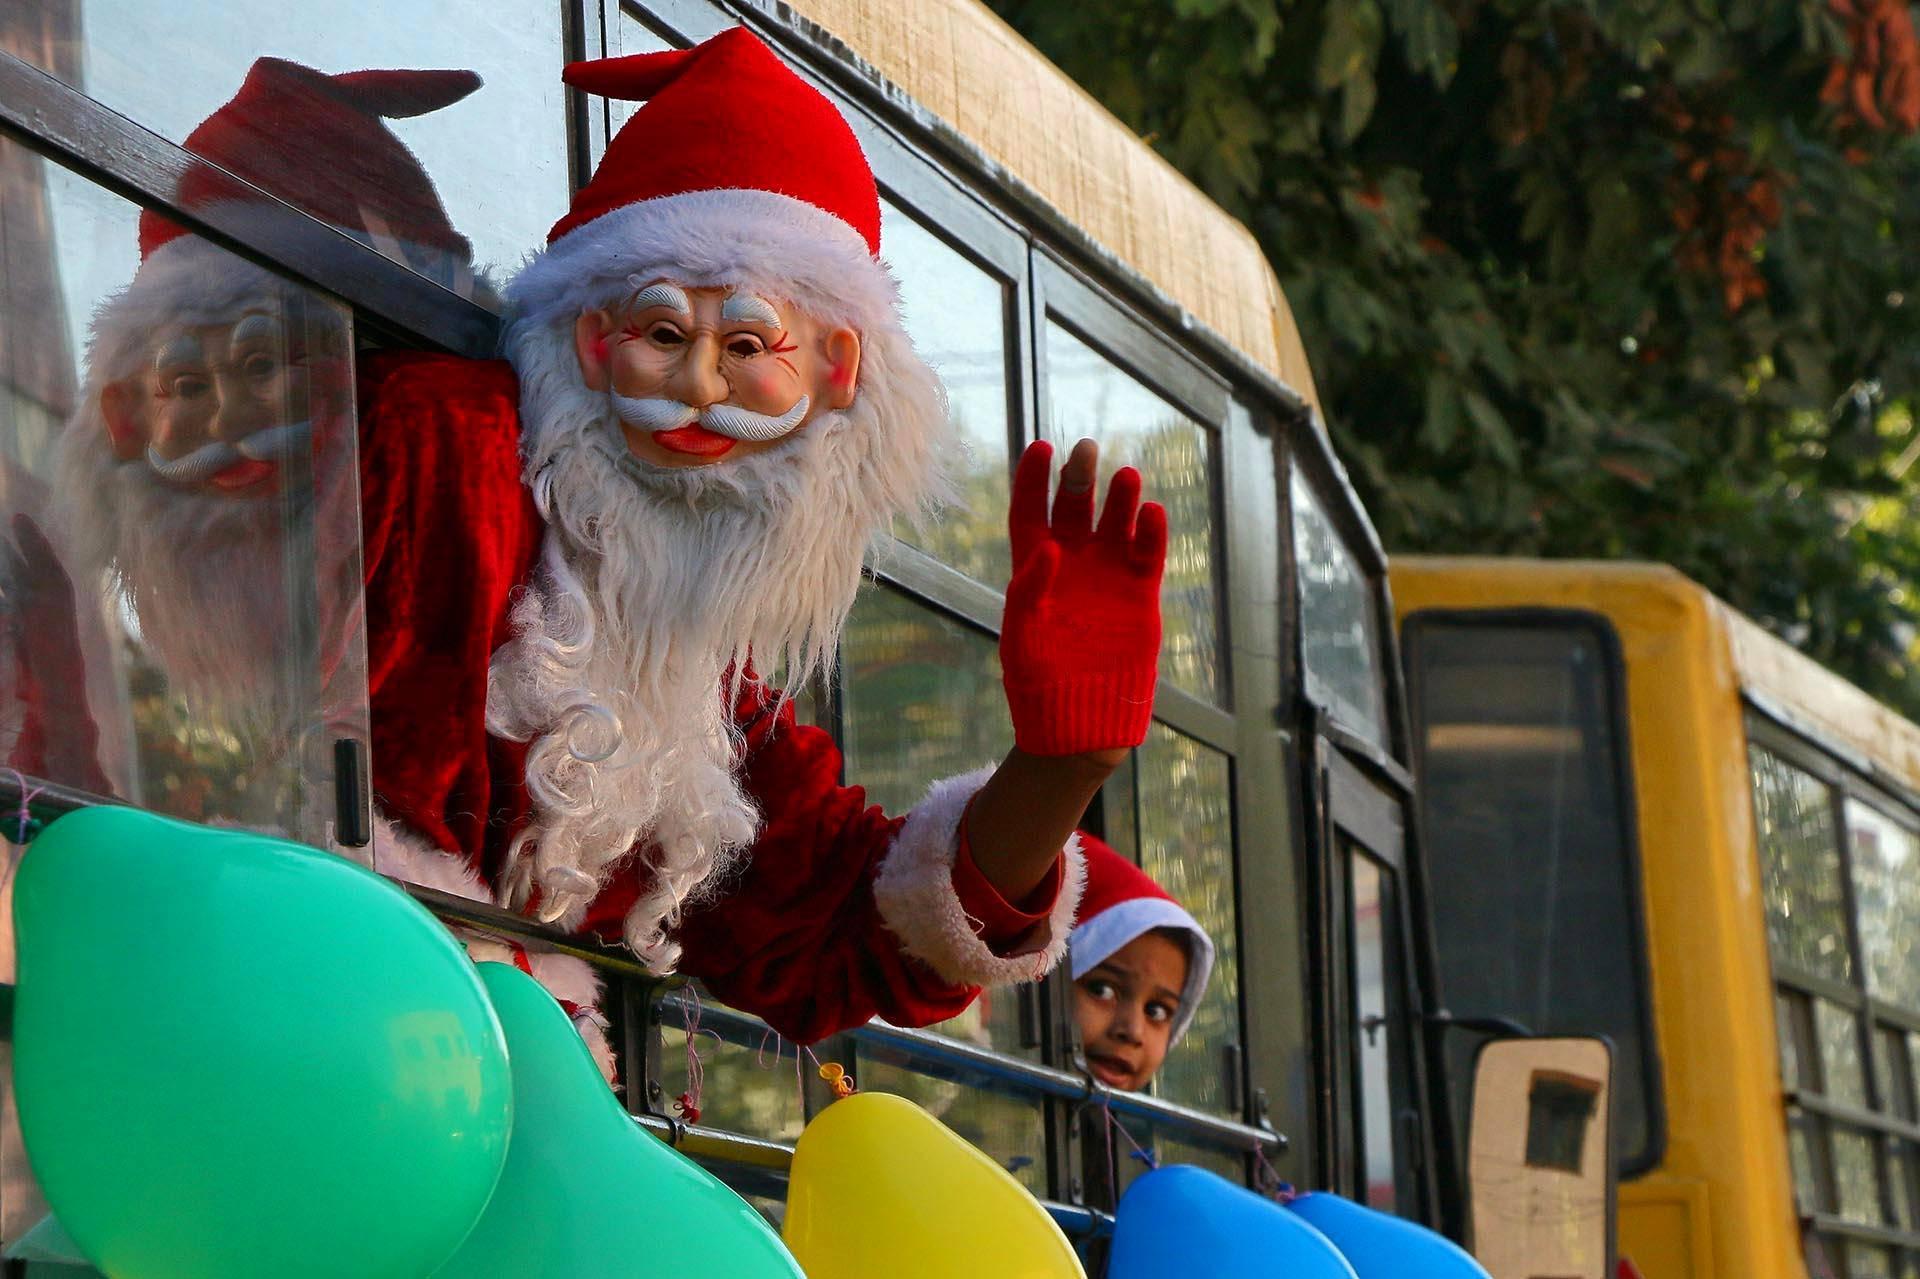 Intian Chandigarhissa pukki teki matkaa bussin kyydissä.